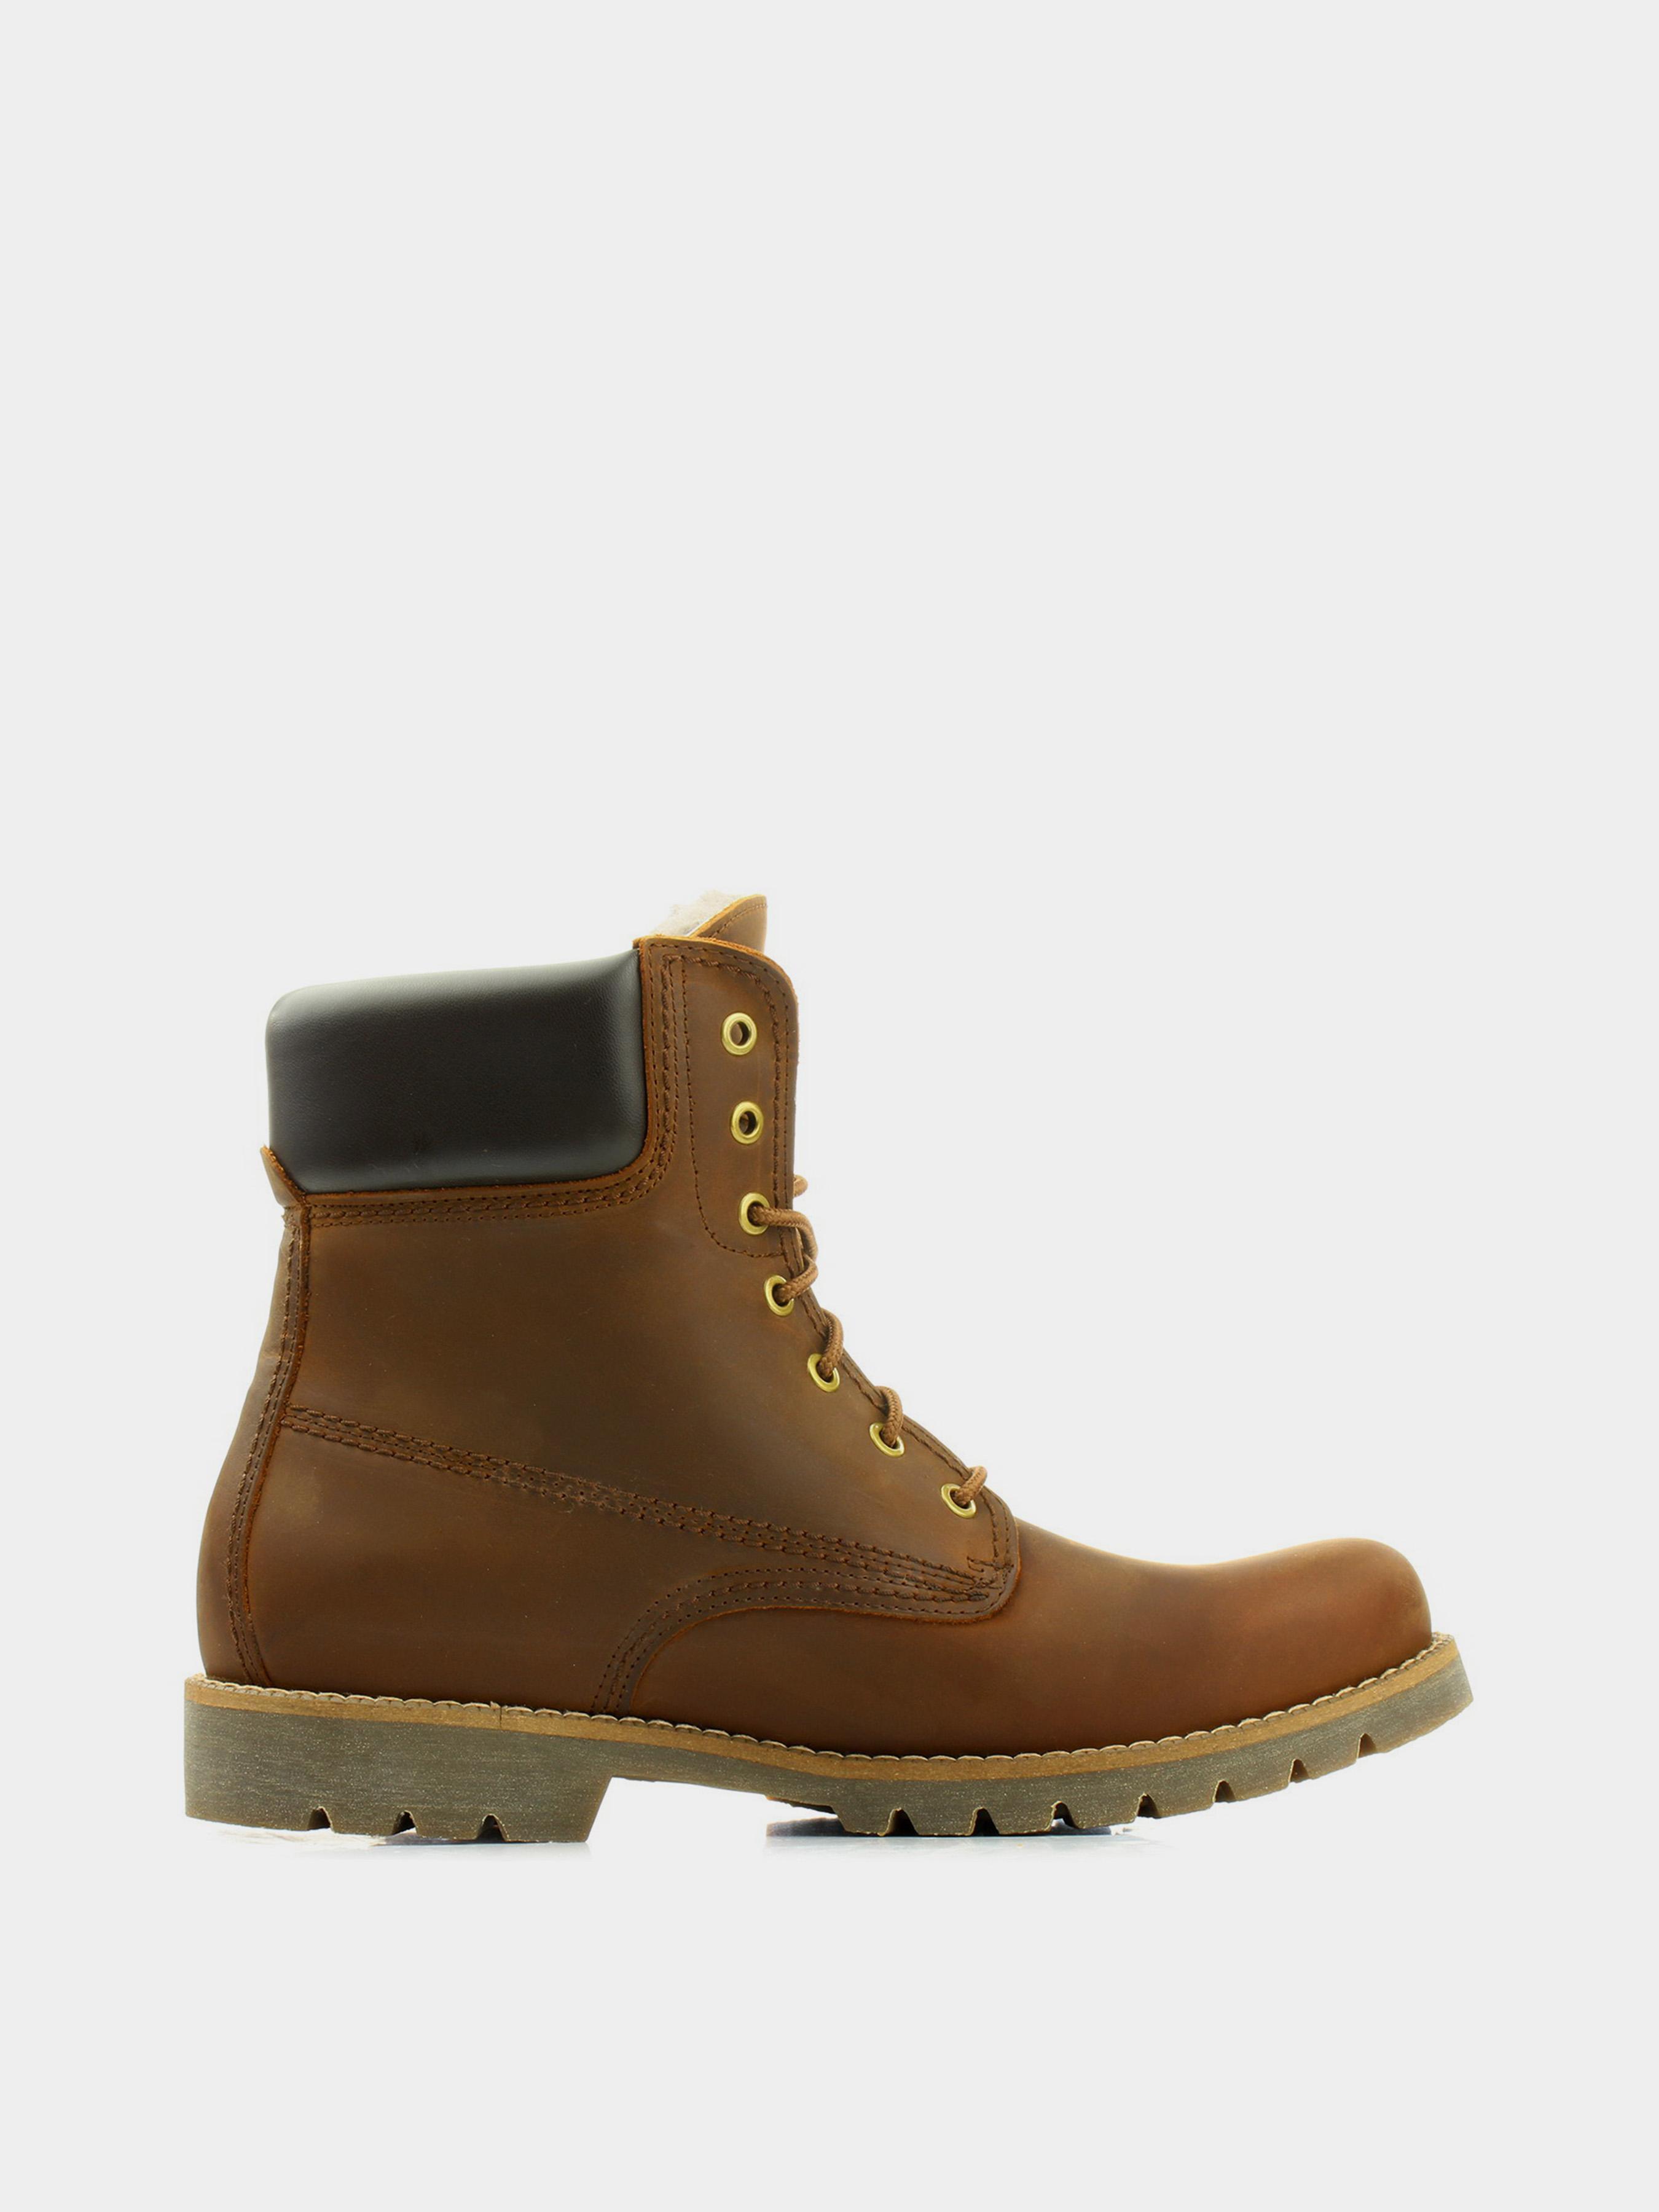 Купить Ботинки мужские Panama Jack PX81, Коричневый